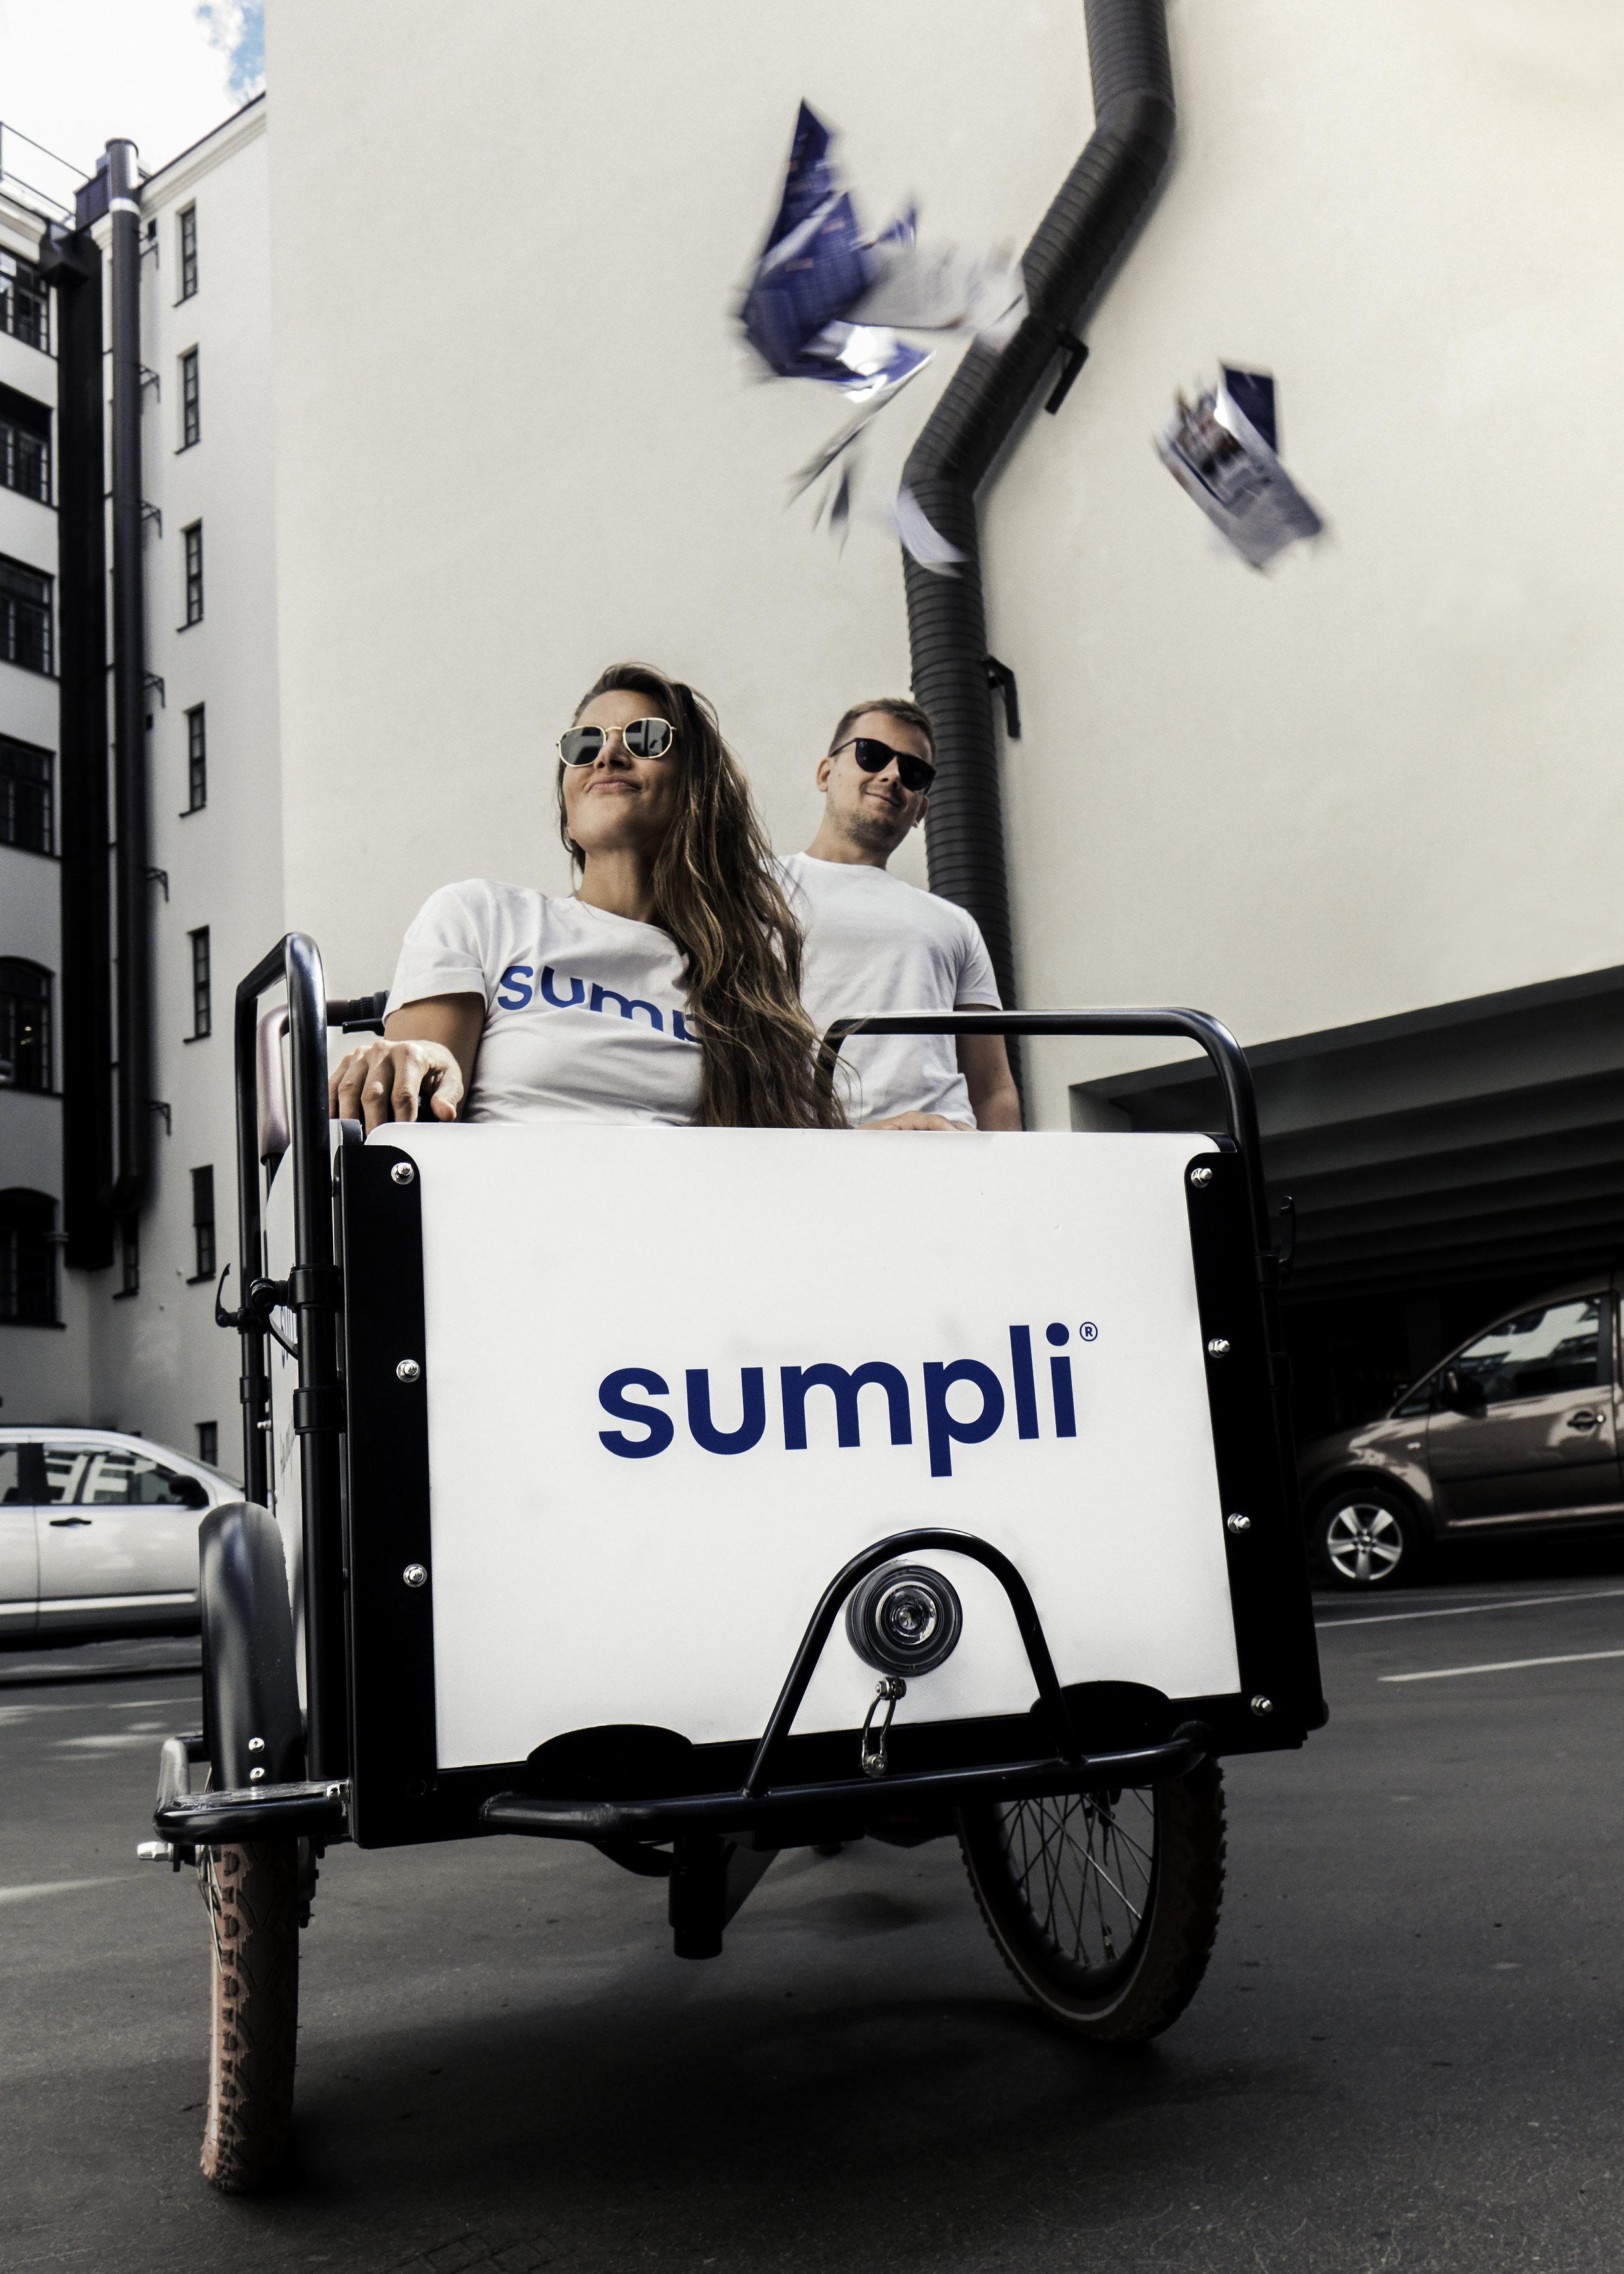 sumplifillari2.jpg